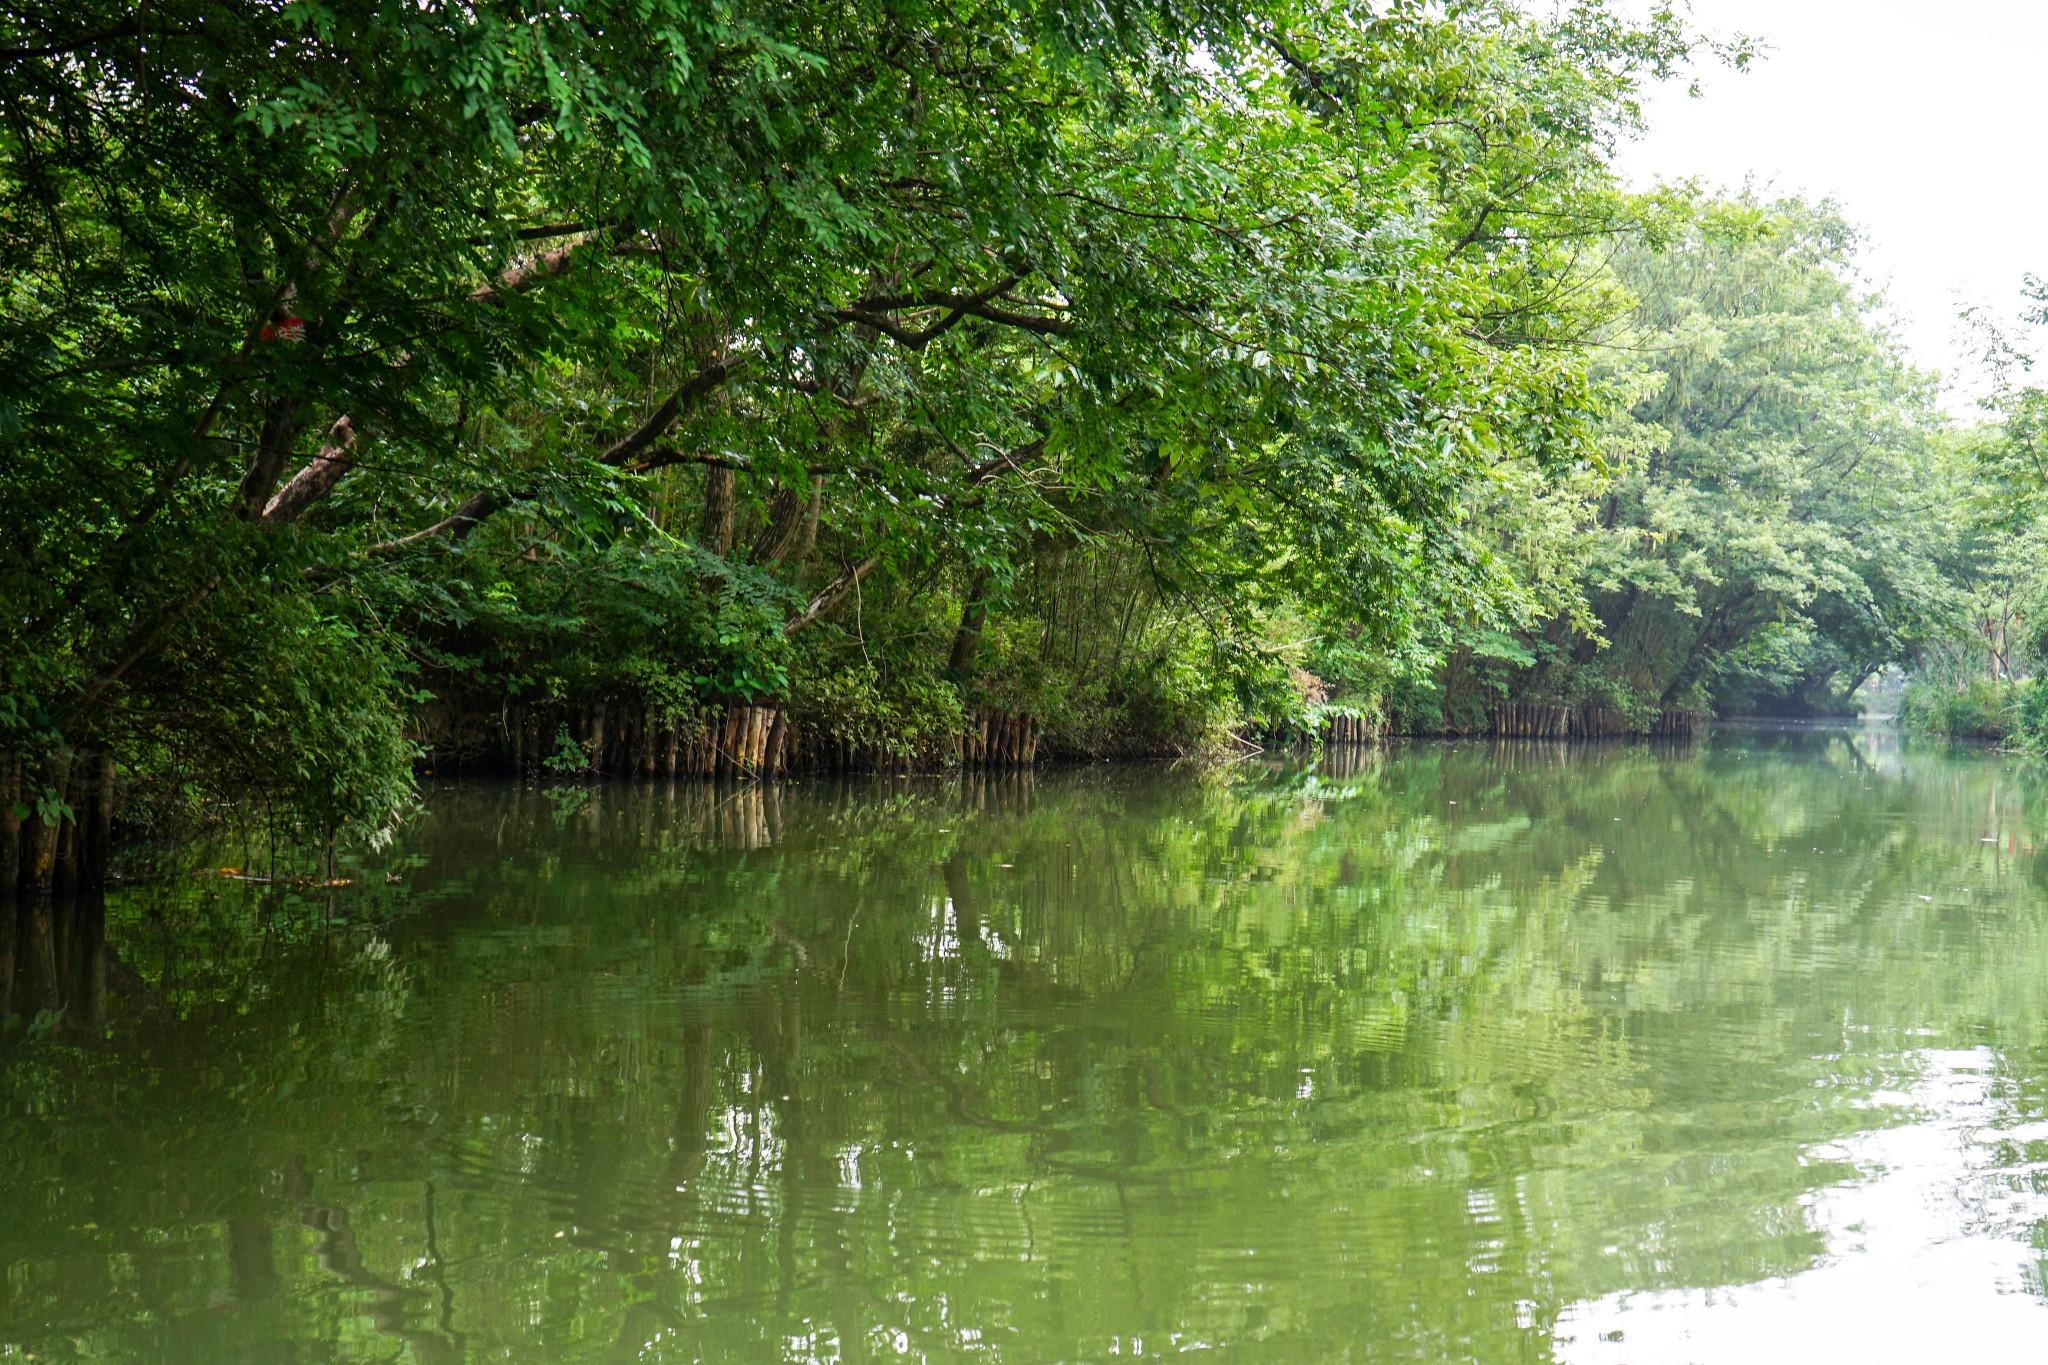 西溪湿地福堤景色如何,西溪湿地福堤有哪些福,西溪湿地福堤介绍